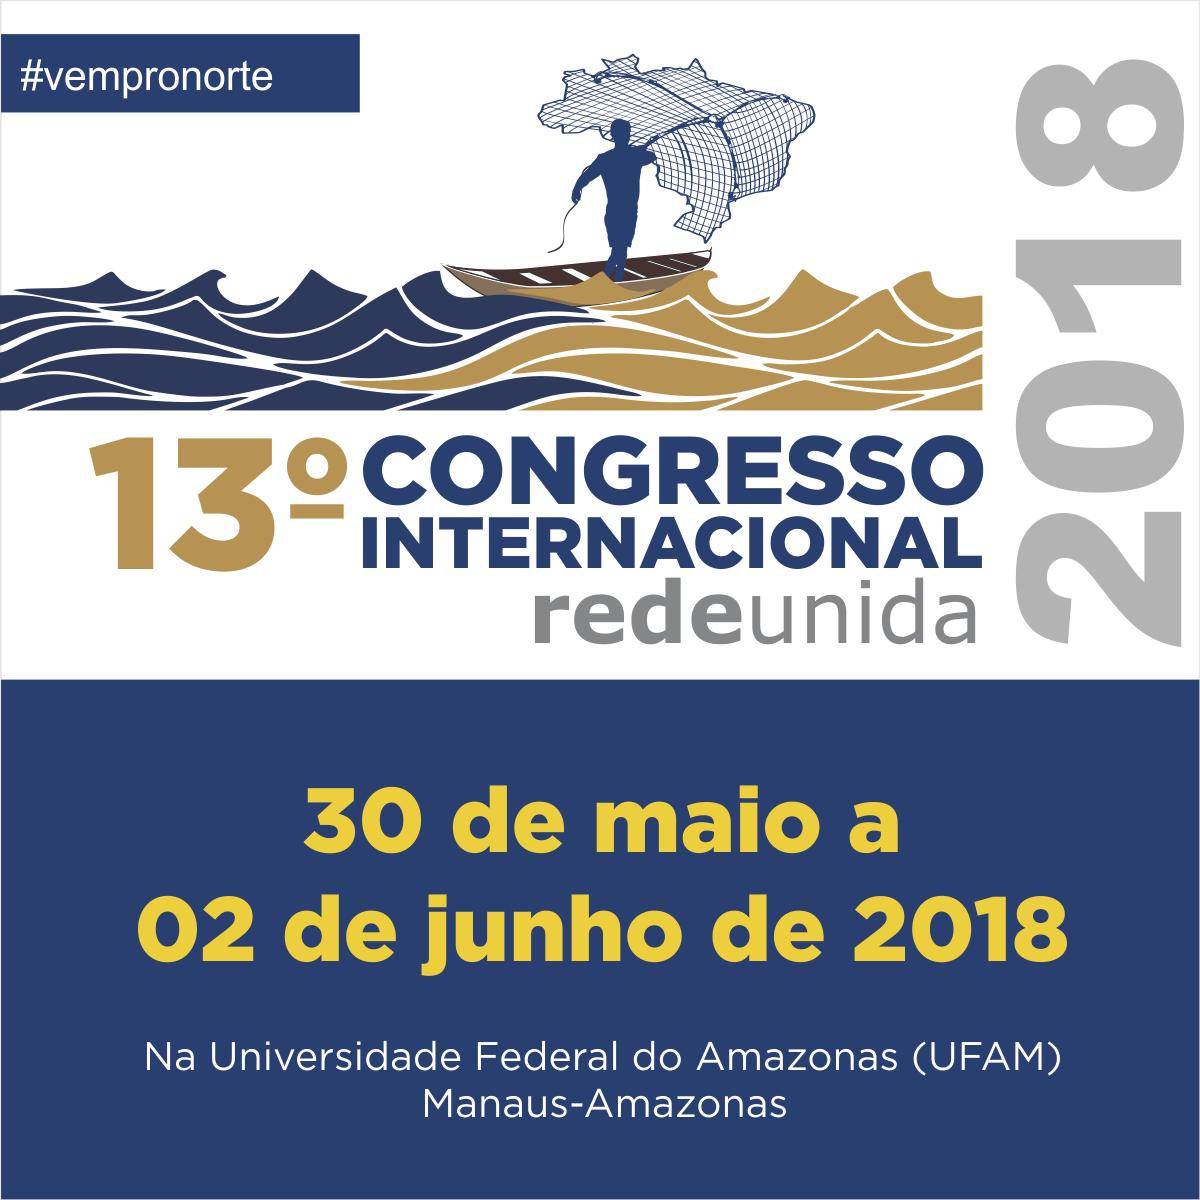 Vem aí o Congresso Internacional na área da saúde e educação